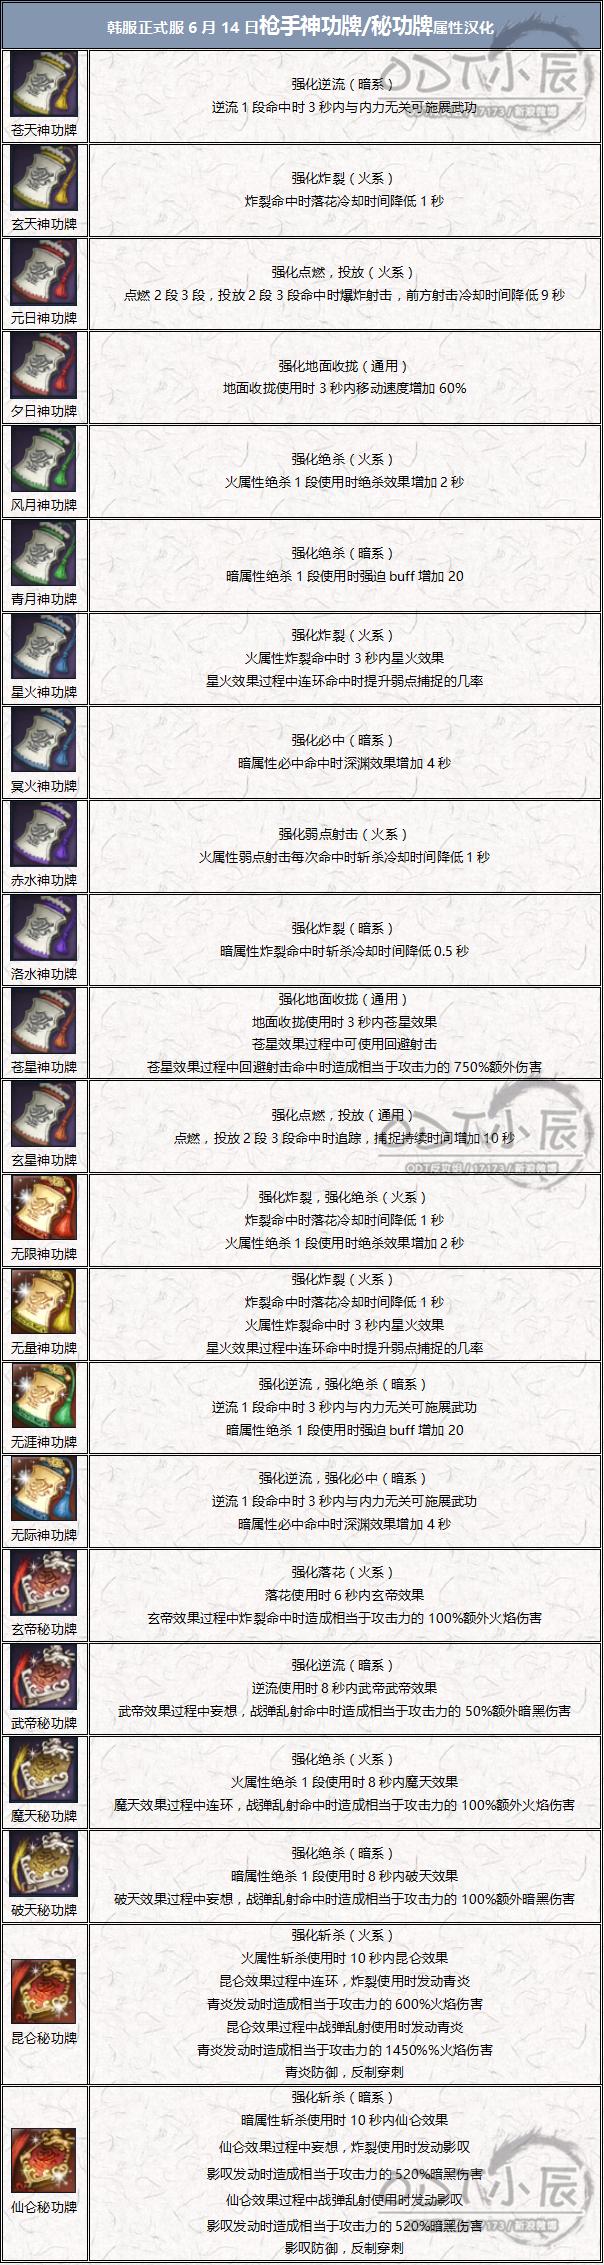 韓正式服6.14槍手神功牌秘功牌漢化.png